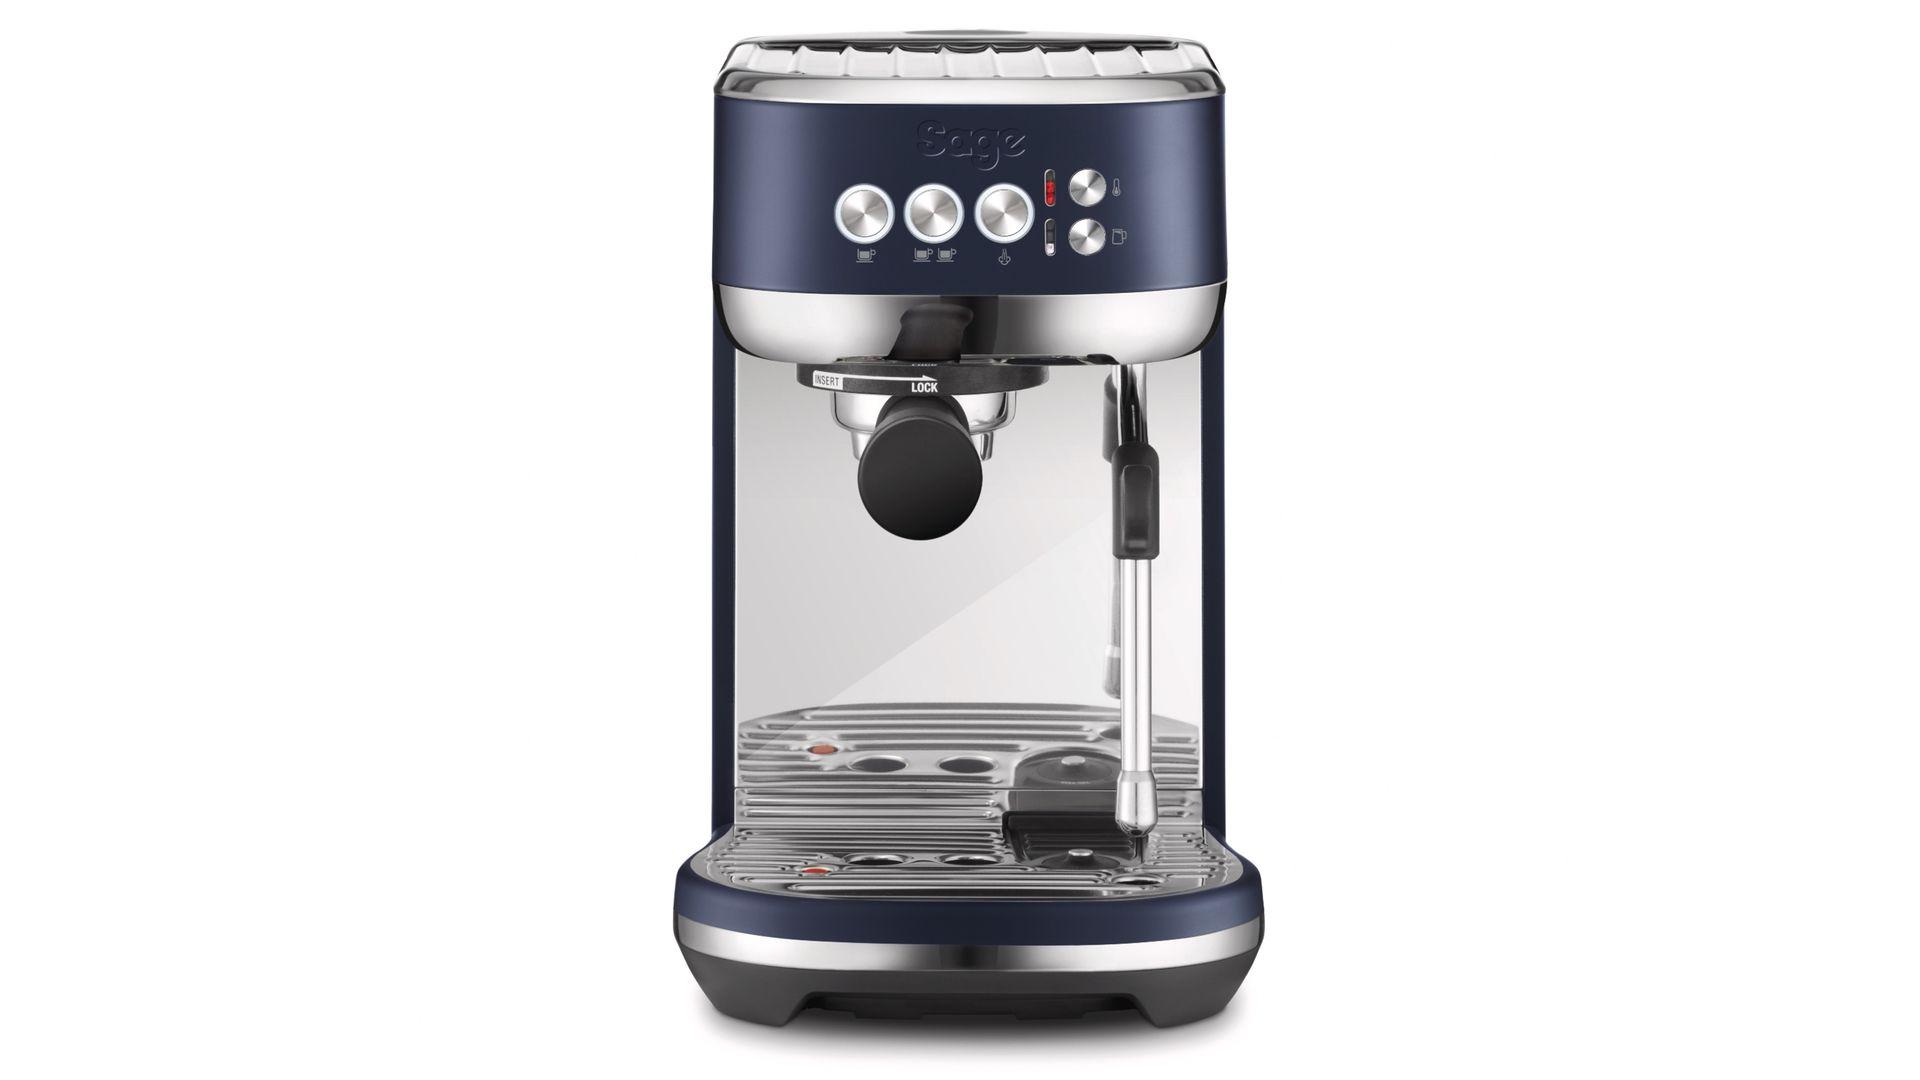 1 6 - بهترین دستگاه های اسپرسو ساز (قهوه ساز) برای خرید کدام اند؟